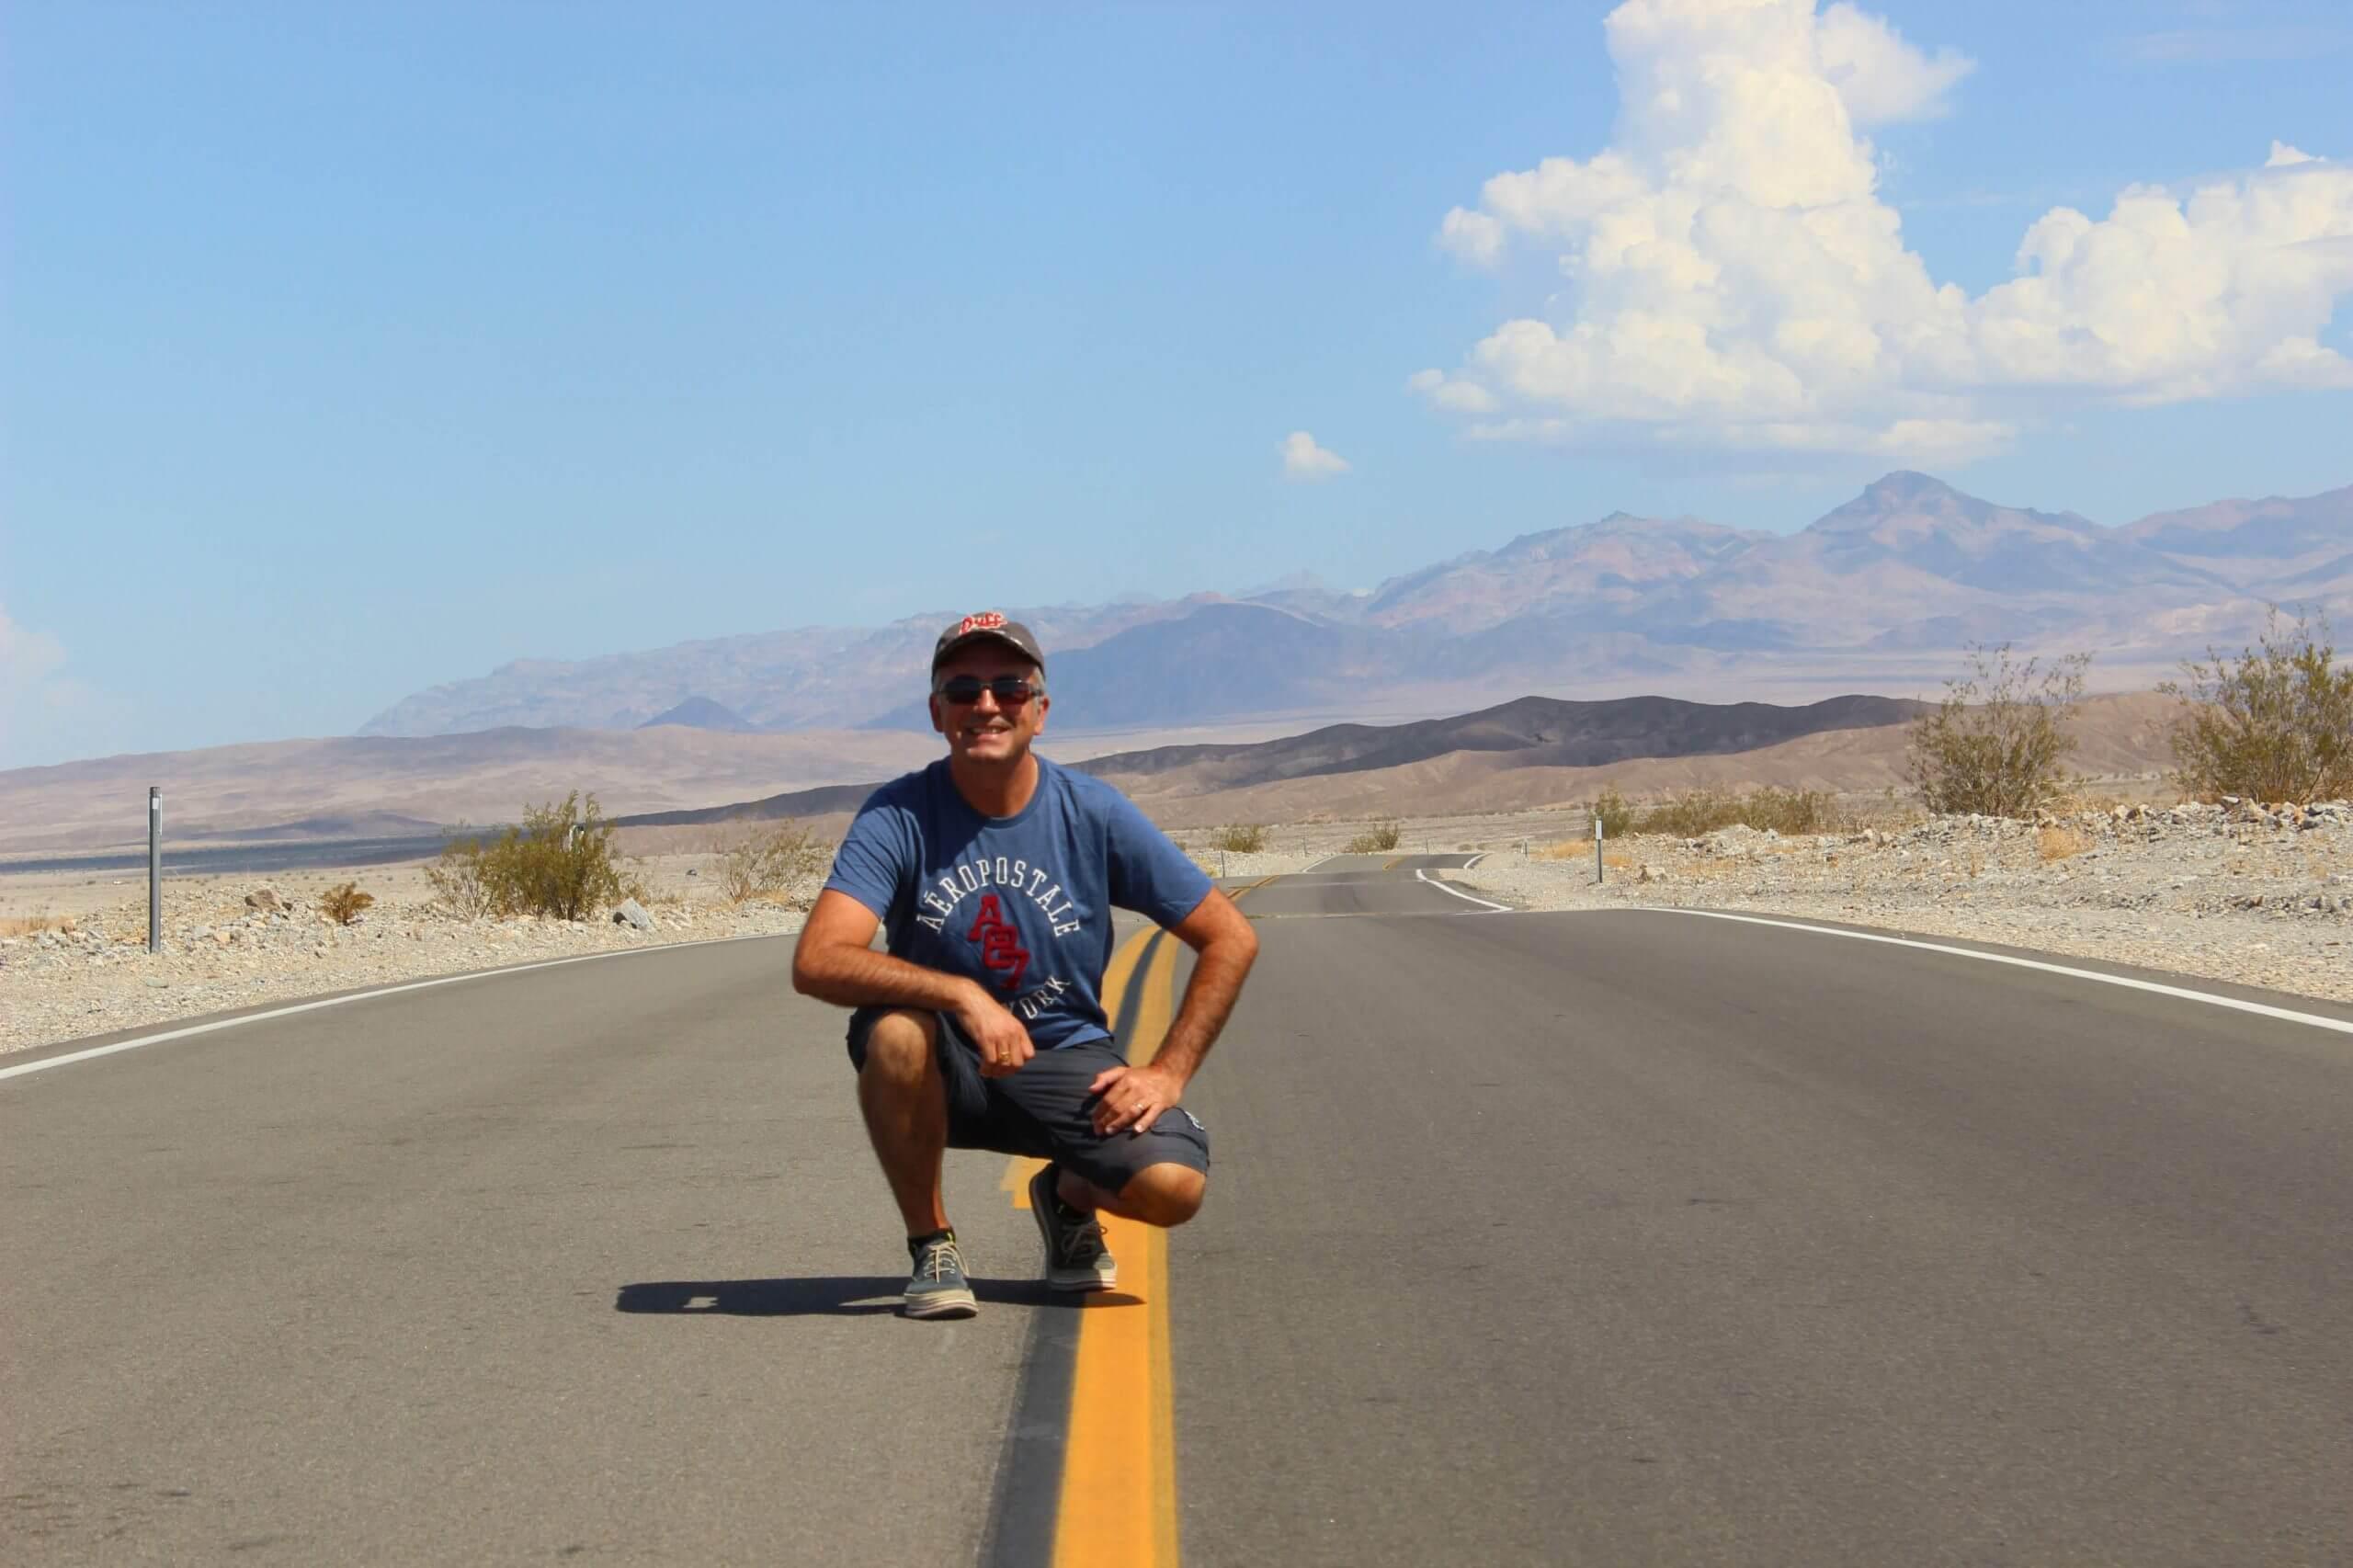 Notre histoire : Christophe en road-trip dans les parcs nationaux américains